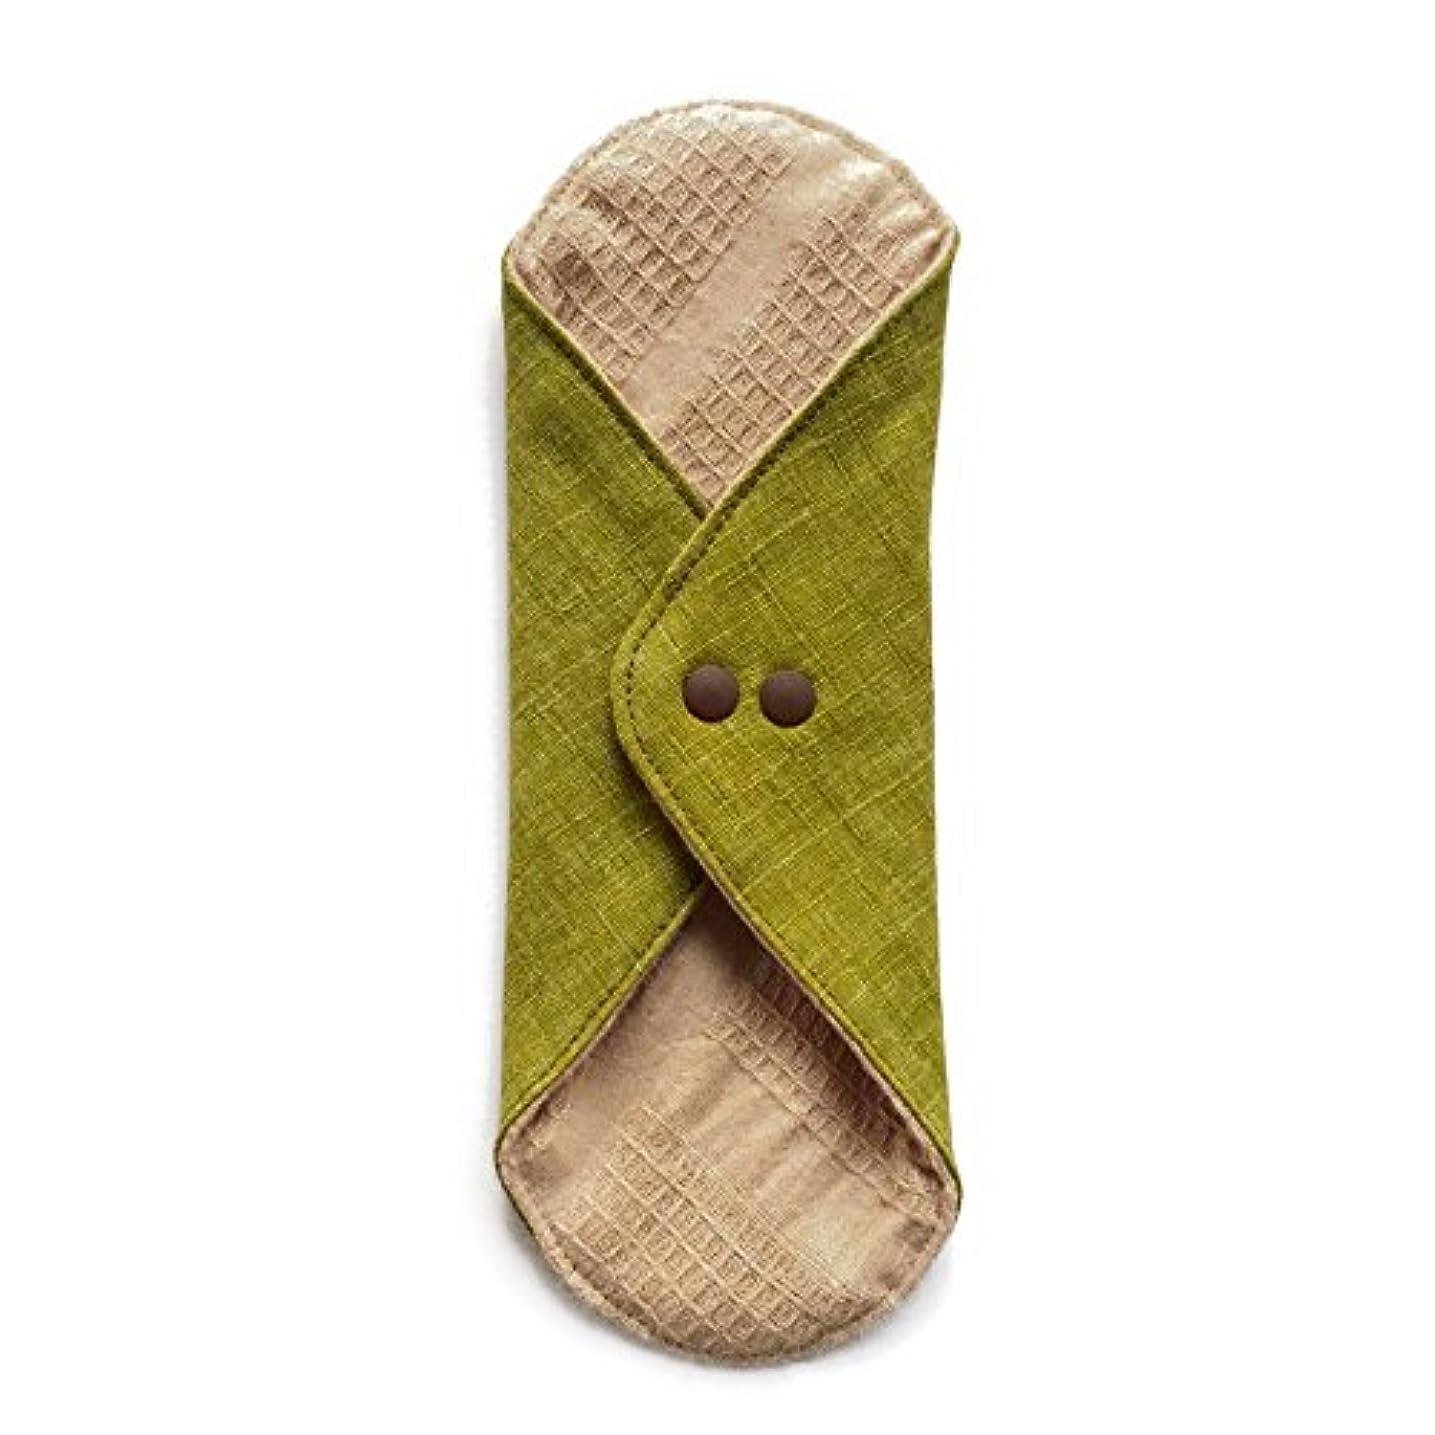 半円シンボル素晴らしいです華布のオーガニックコットンのあたため布 Lサイズ (約18×約20.5×約0.5cm) 彩り(抹茶)